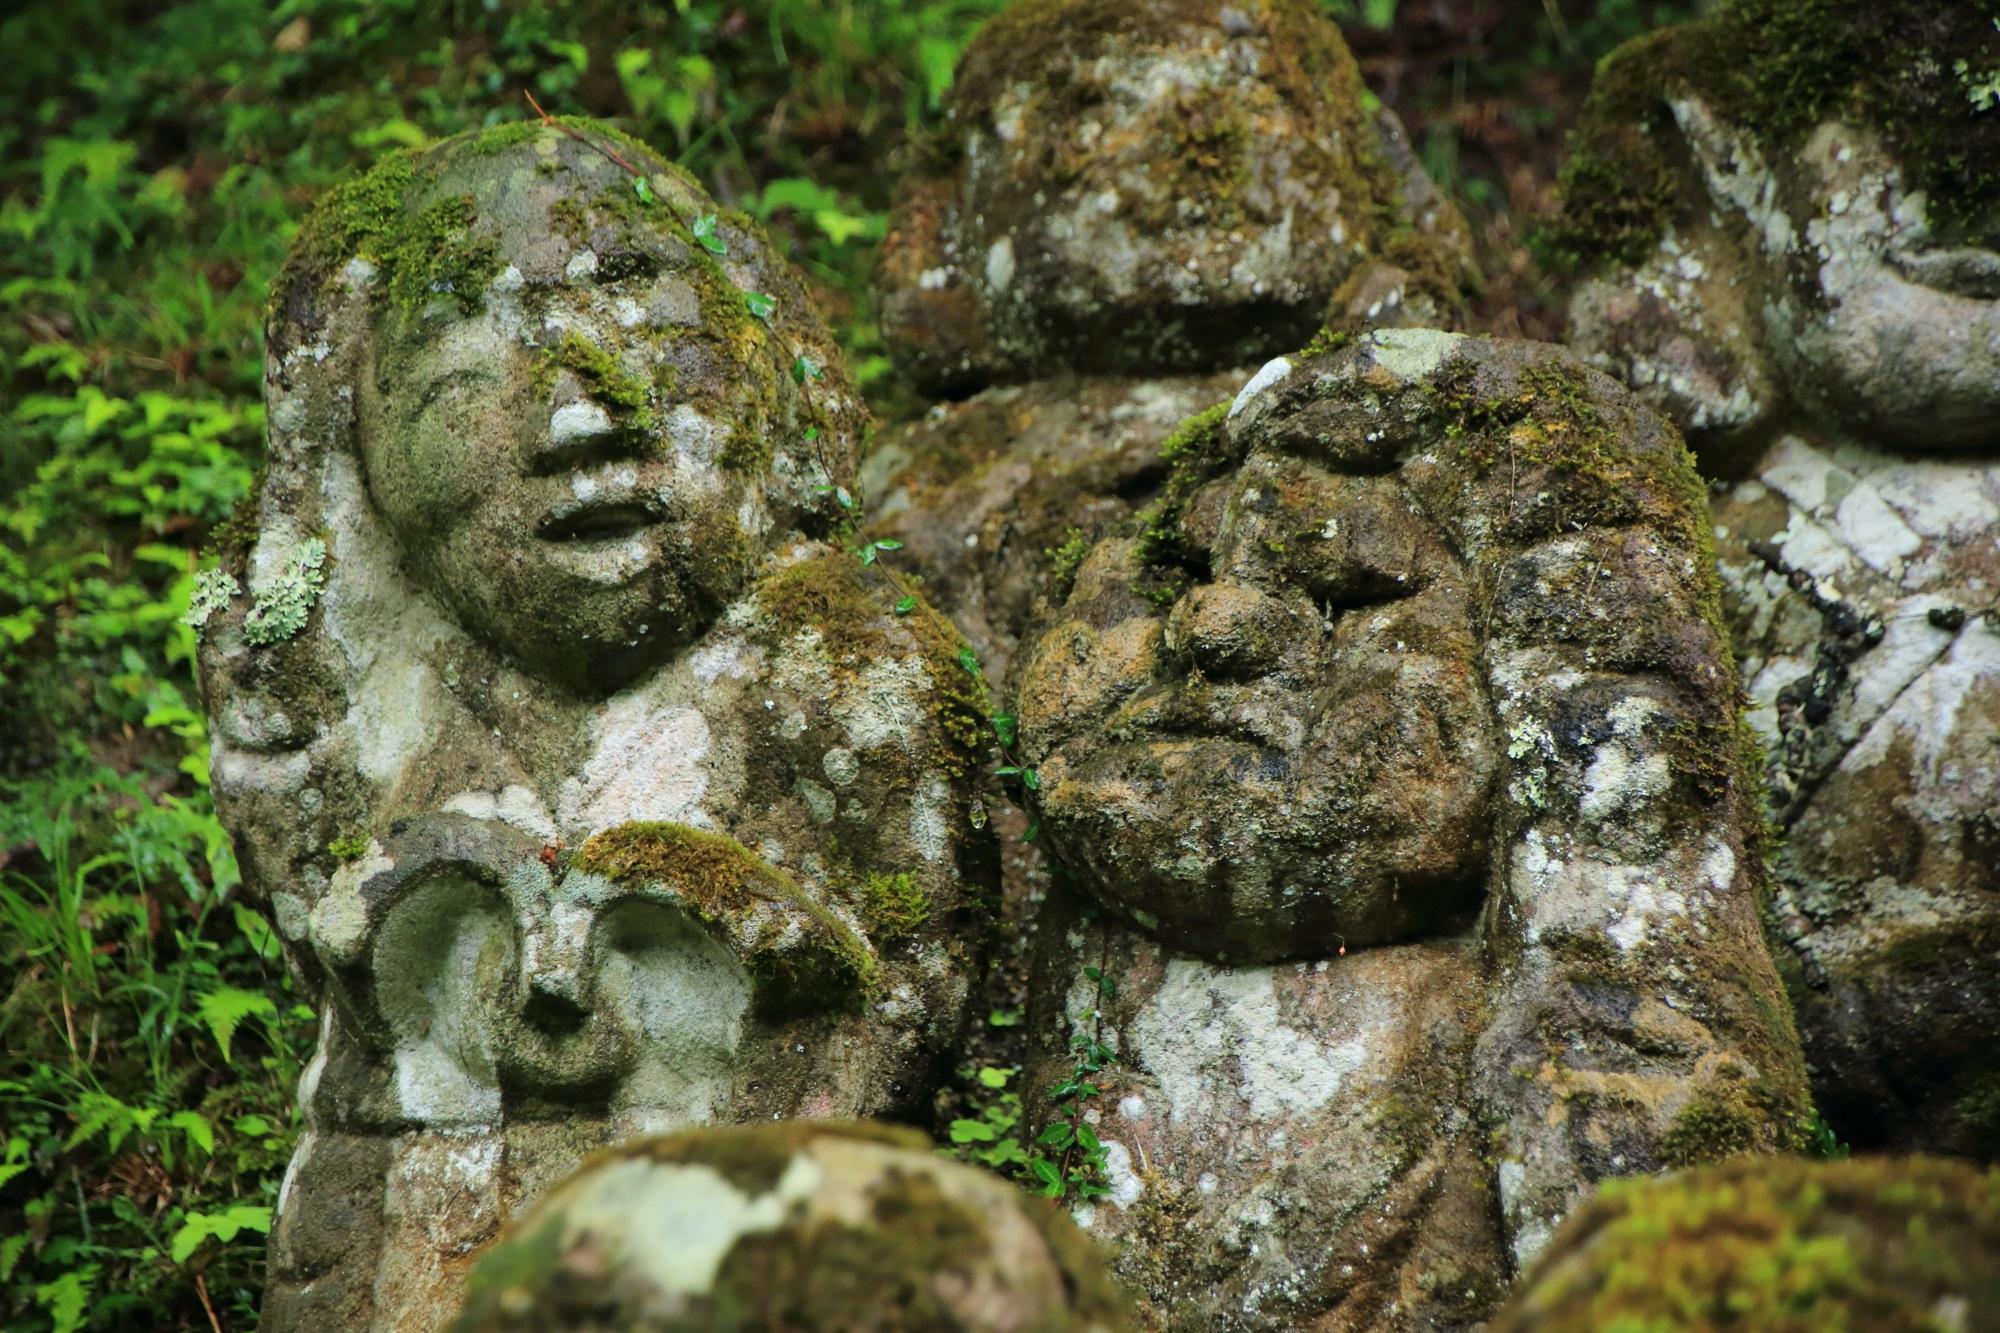 愛宕念仏寺のヨーロッパ風の千二百羅漢